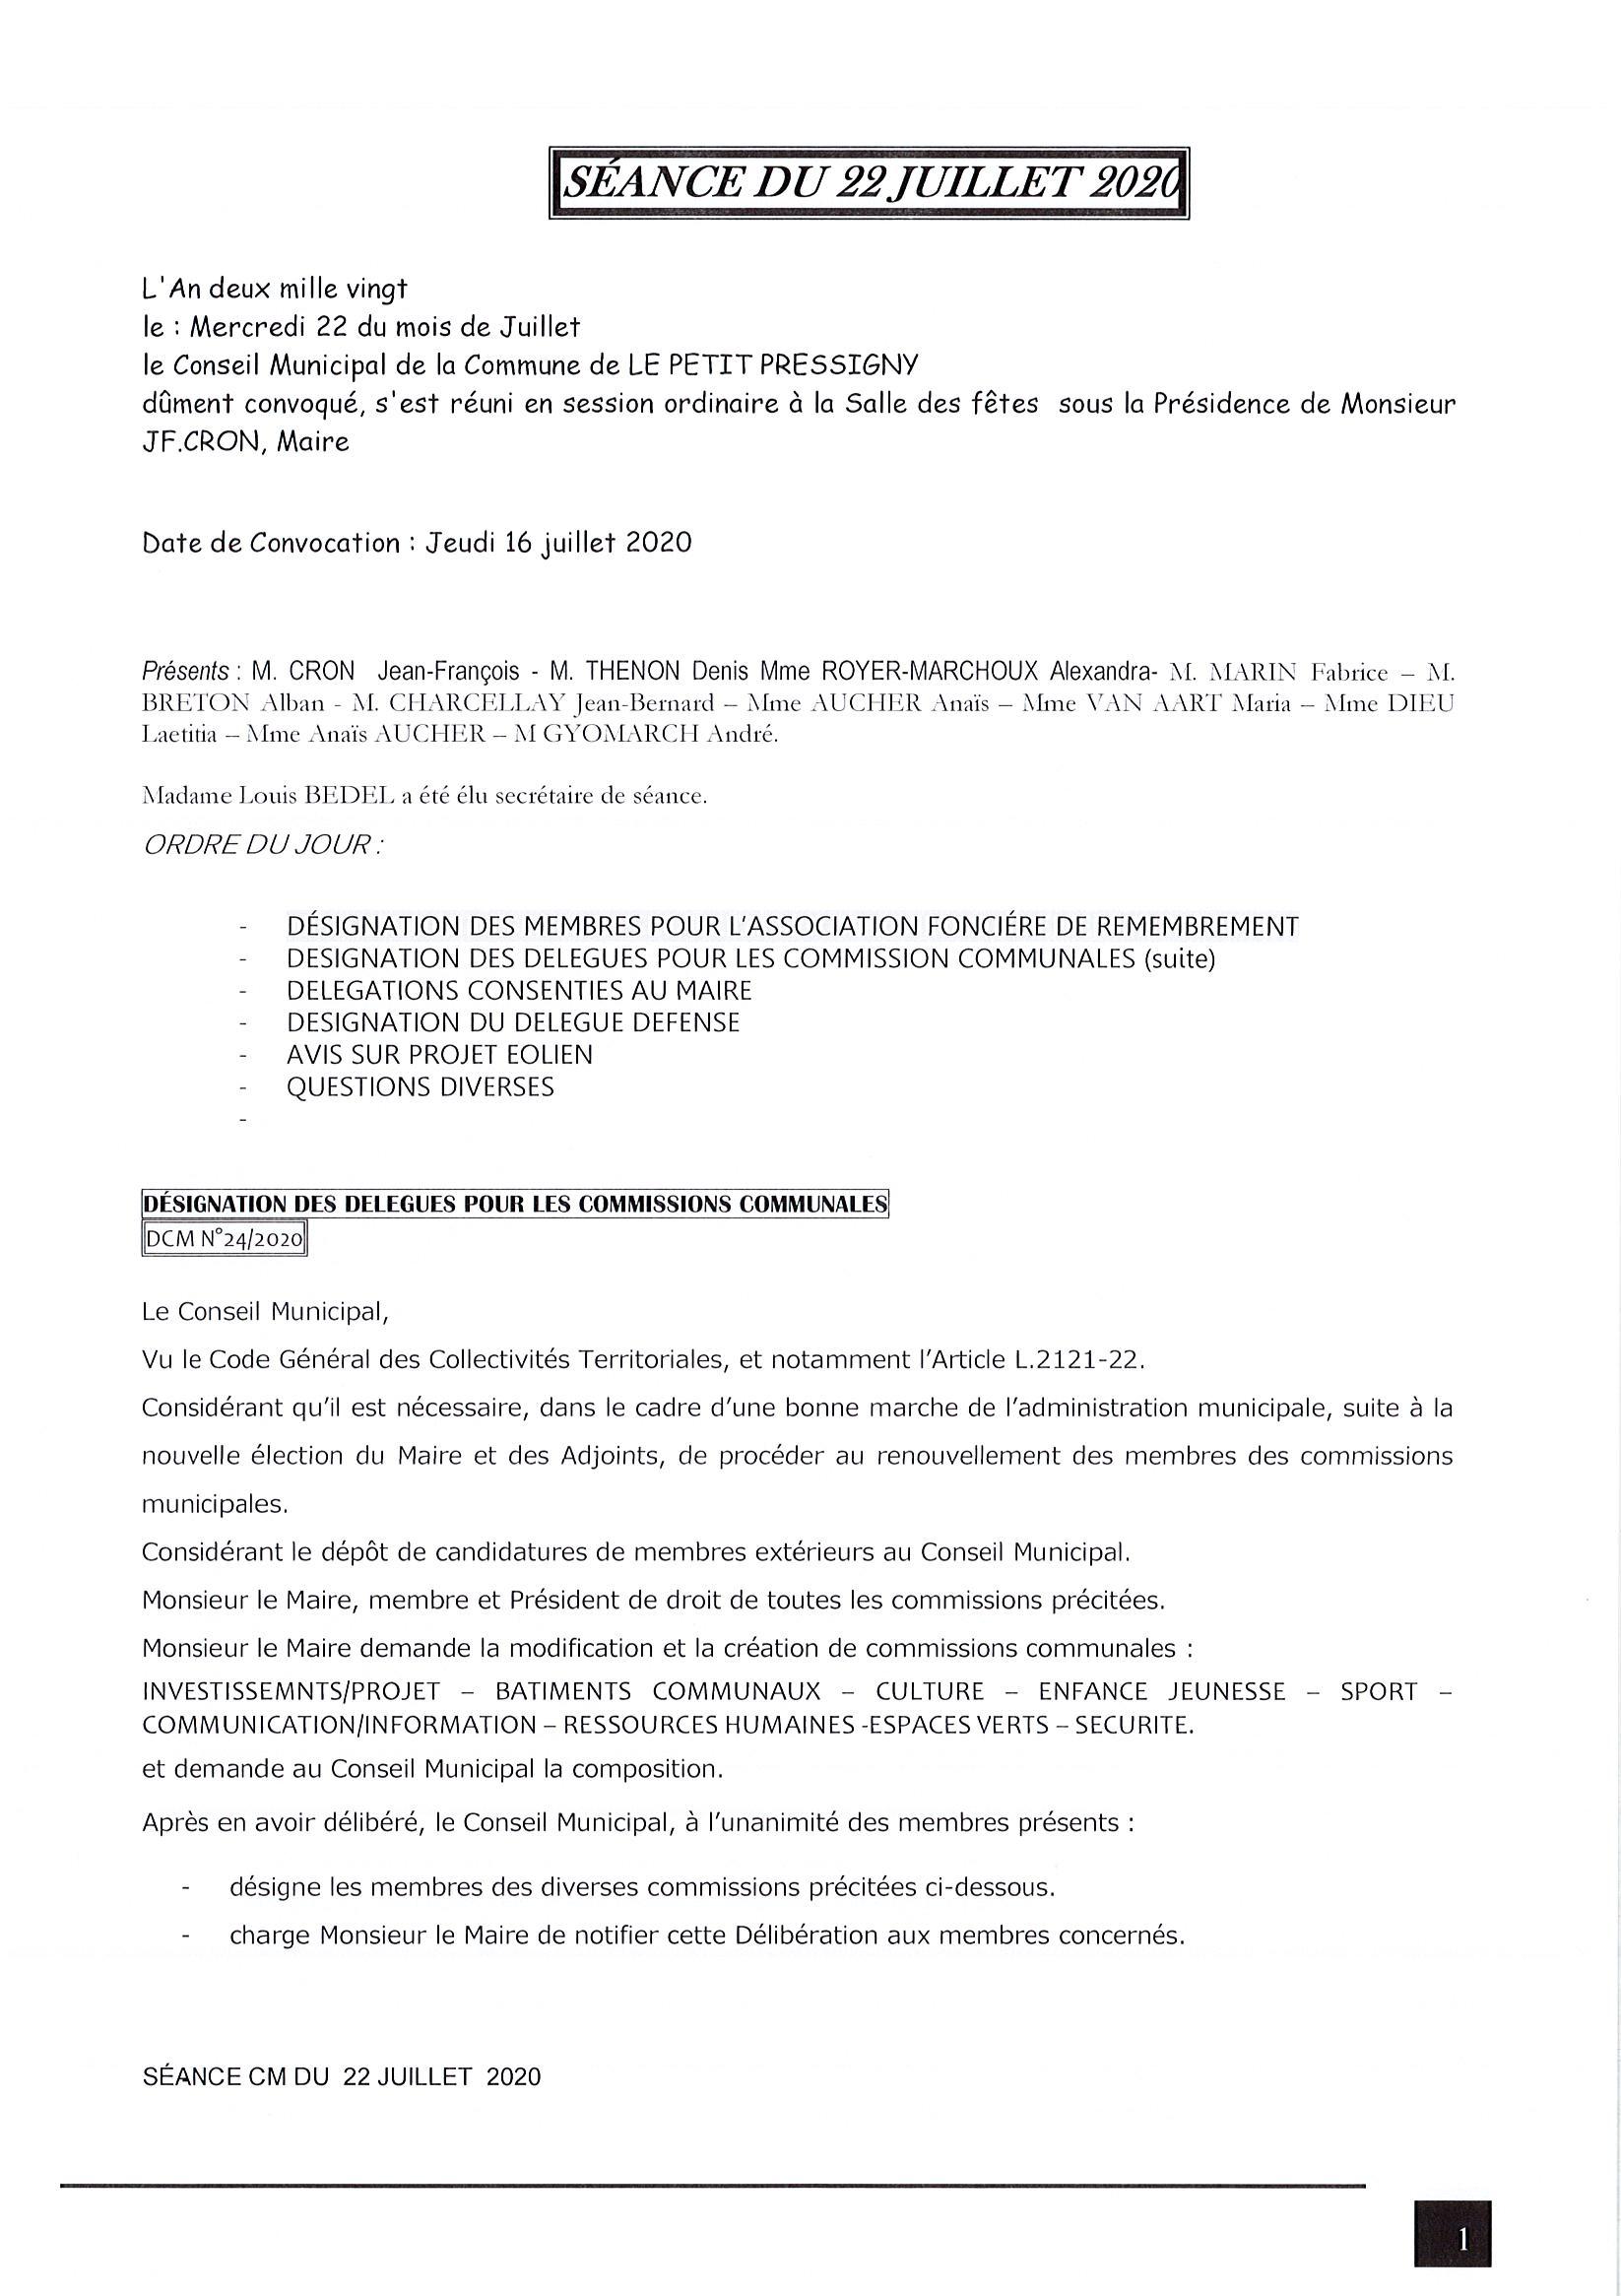 accueil/doc101120-10112020121830-0019.jpg